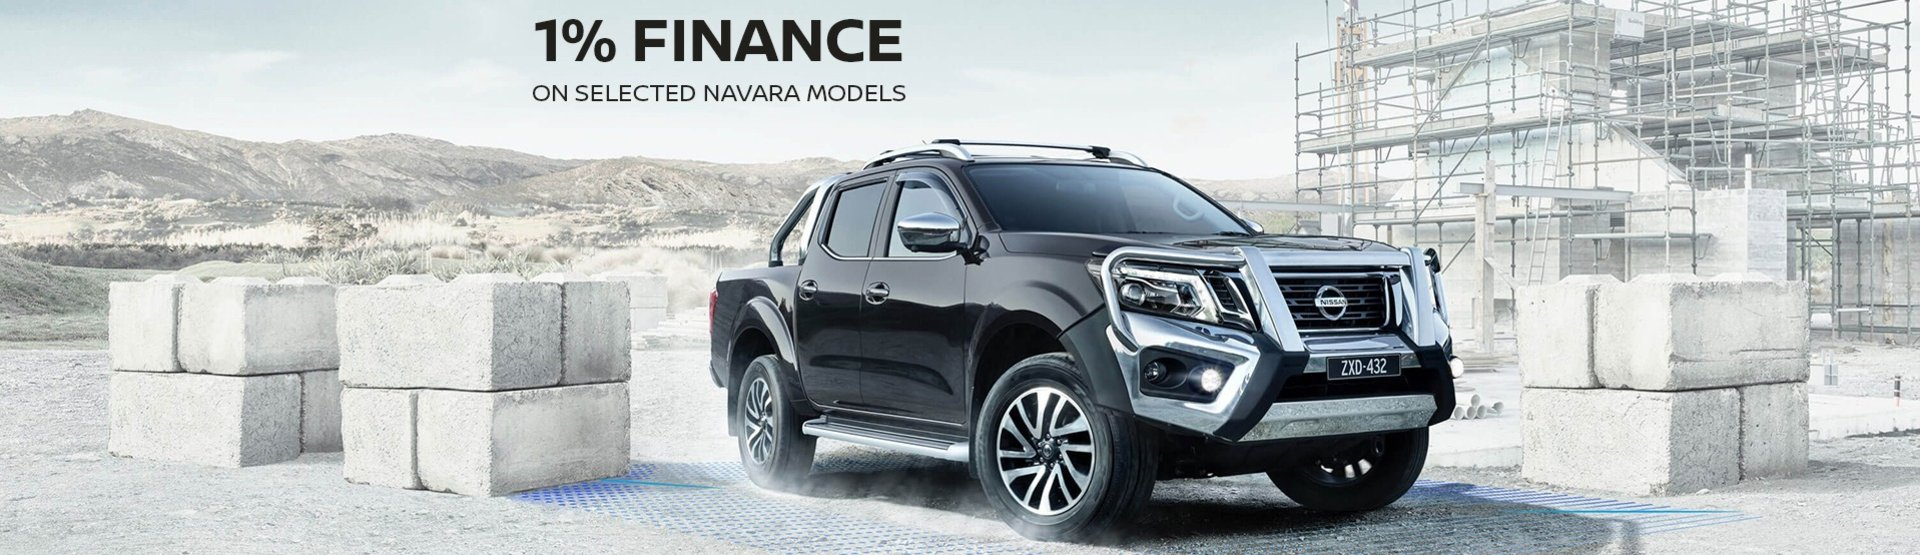 1%-Finance-Nissan-Navara-Mandurah,WA